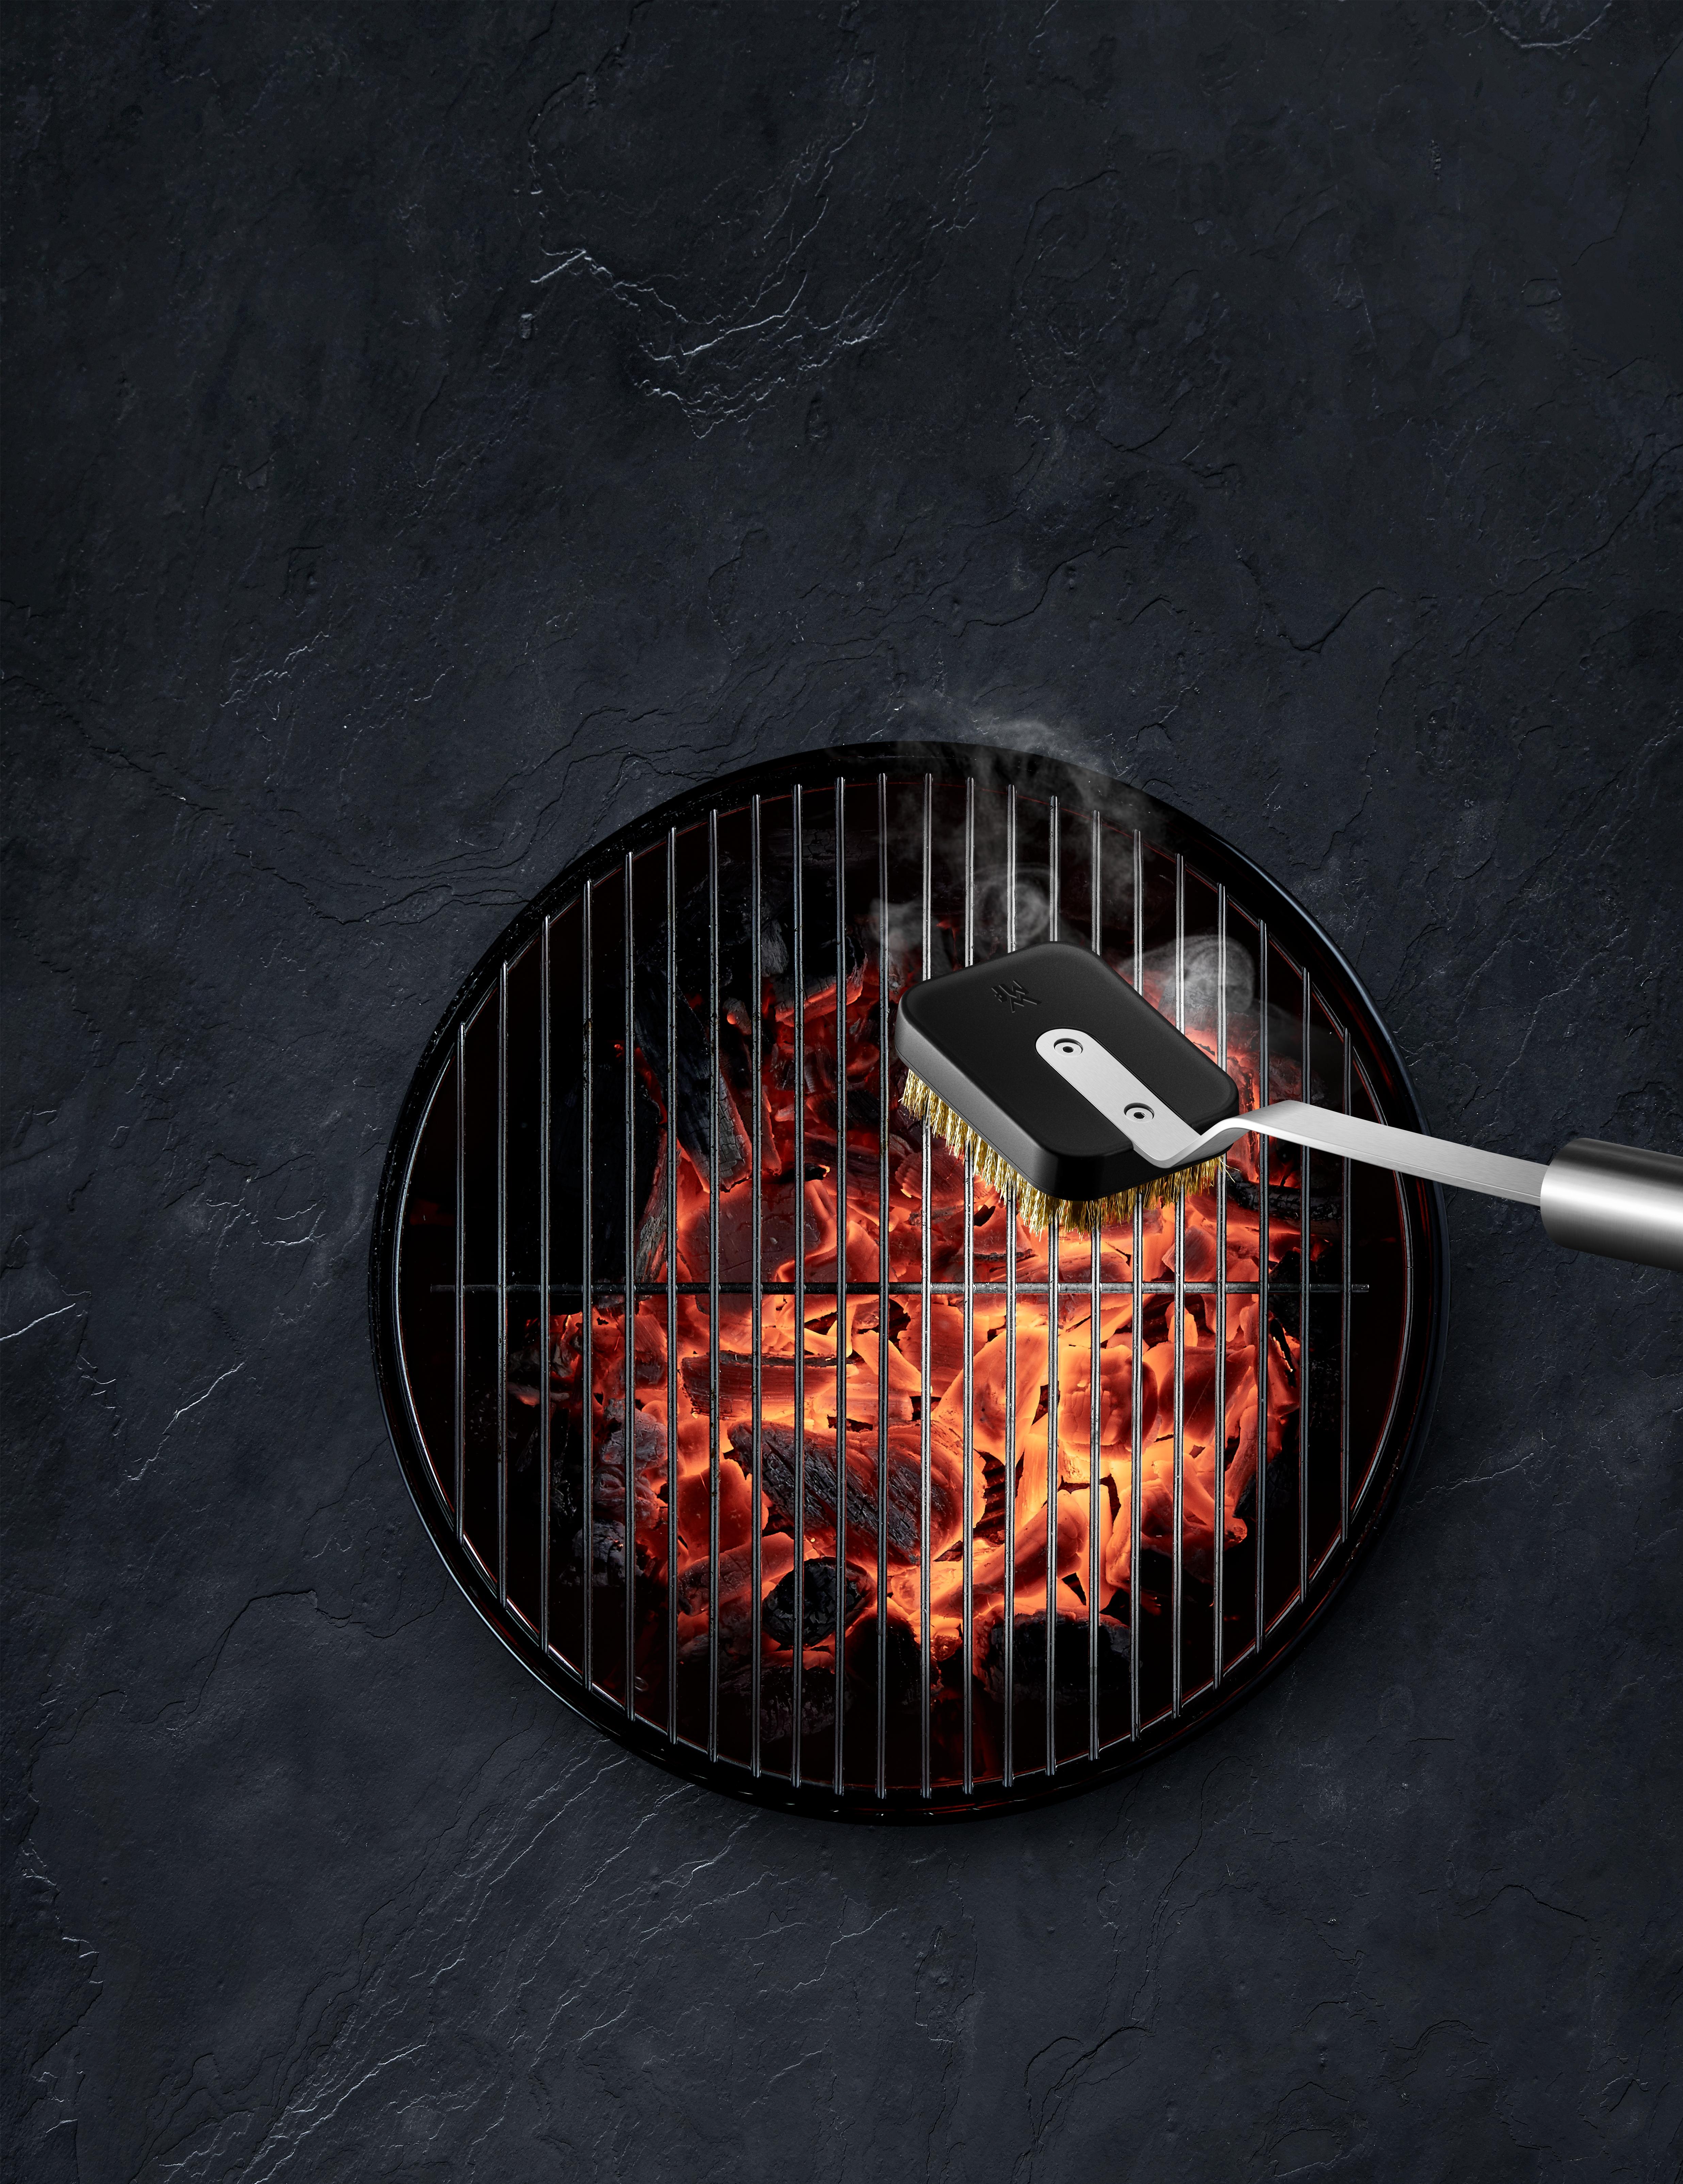 WMF büyük ızgara fırçası: Artık yapışan yiyecekler yok